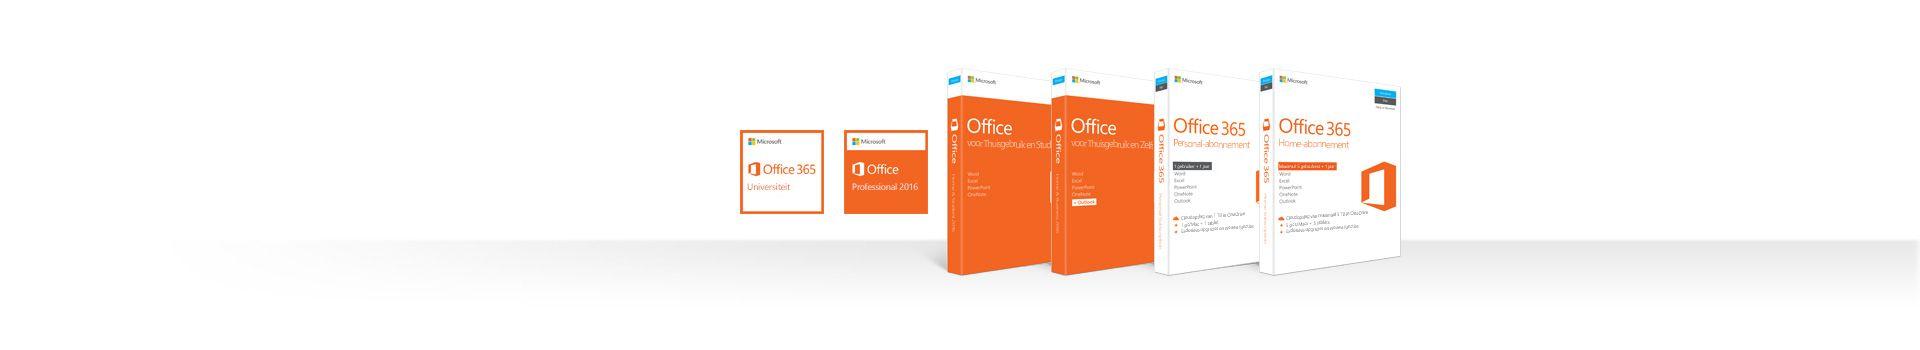 Een afbeelding van de Office-abonnementen en zelfstandige producten voor pc